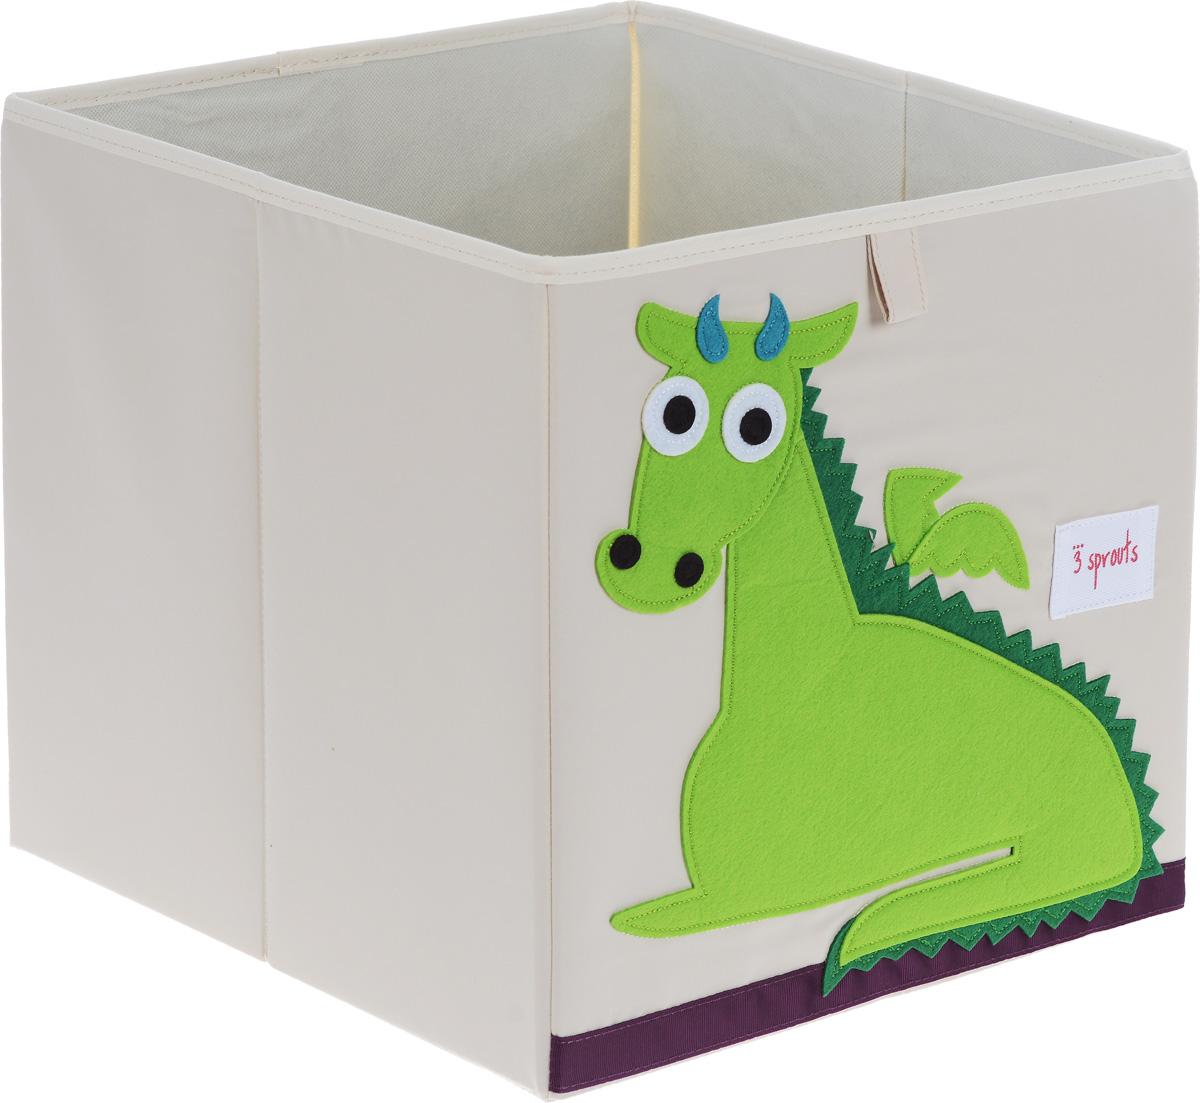 3 Sprouts Коробка для хранения Дракон67381Коробка для хранения 3 Sprouts Дракон - это отличный вариант организации пространства любой комнаты.Стороны коробки усилены с помощью картона, поэтому она всегда стоит ровно. Помещается практически во все стеллажи с квадратными отсеками и добавляет озорства любой комнате. Стоит ли коробка отдельно или на полке стеллажа, она обеспечит прекрасную организацию в вашем доме.Уход: снаружи - только выведение пятен.